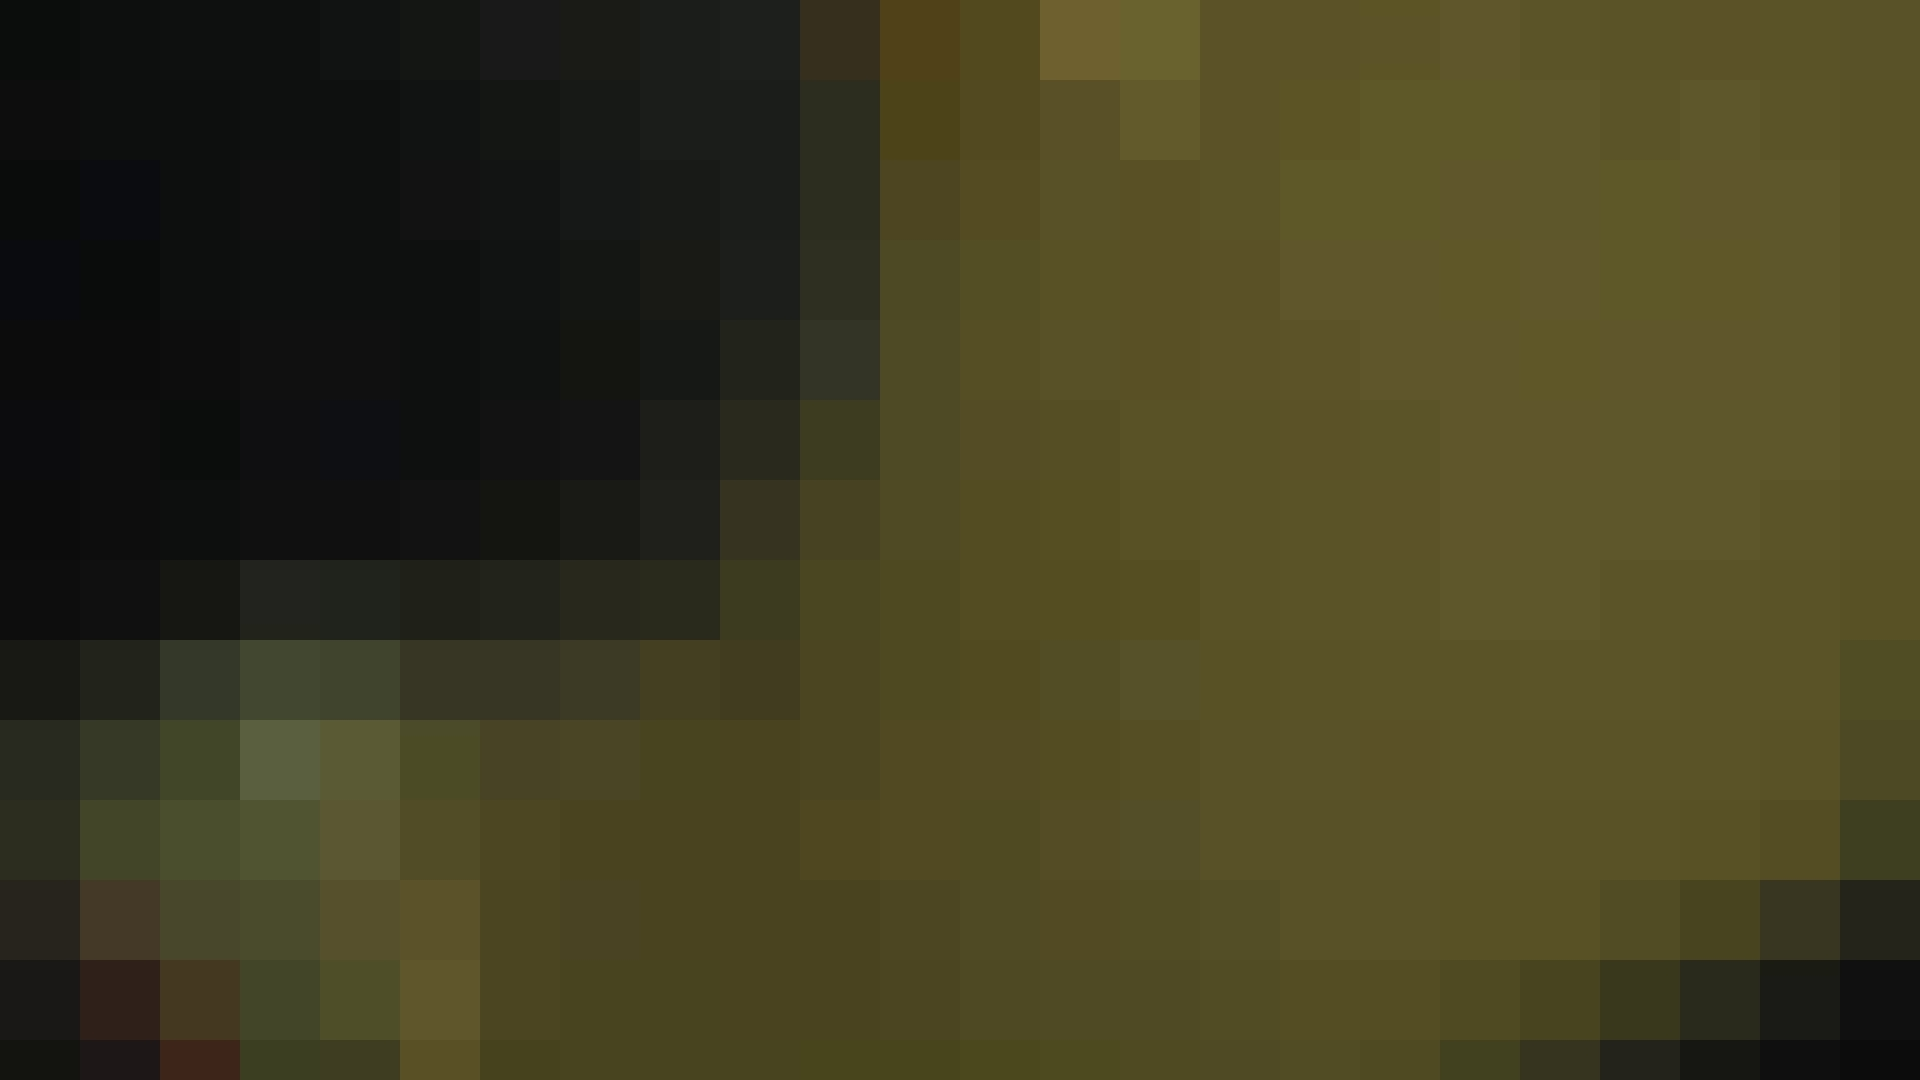 阿国ちゃんの「和式洋式七変化」No.18 iBO(フタコブ) 洗面所  112pic 74